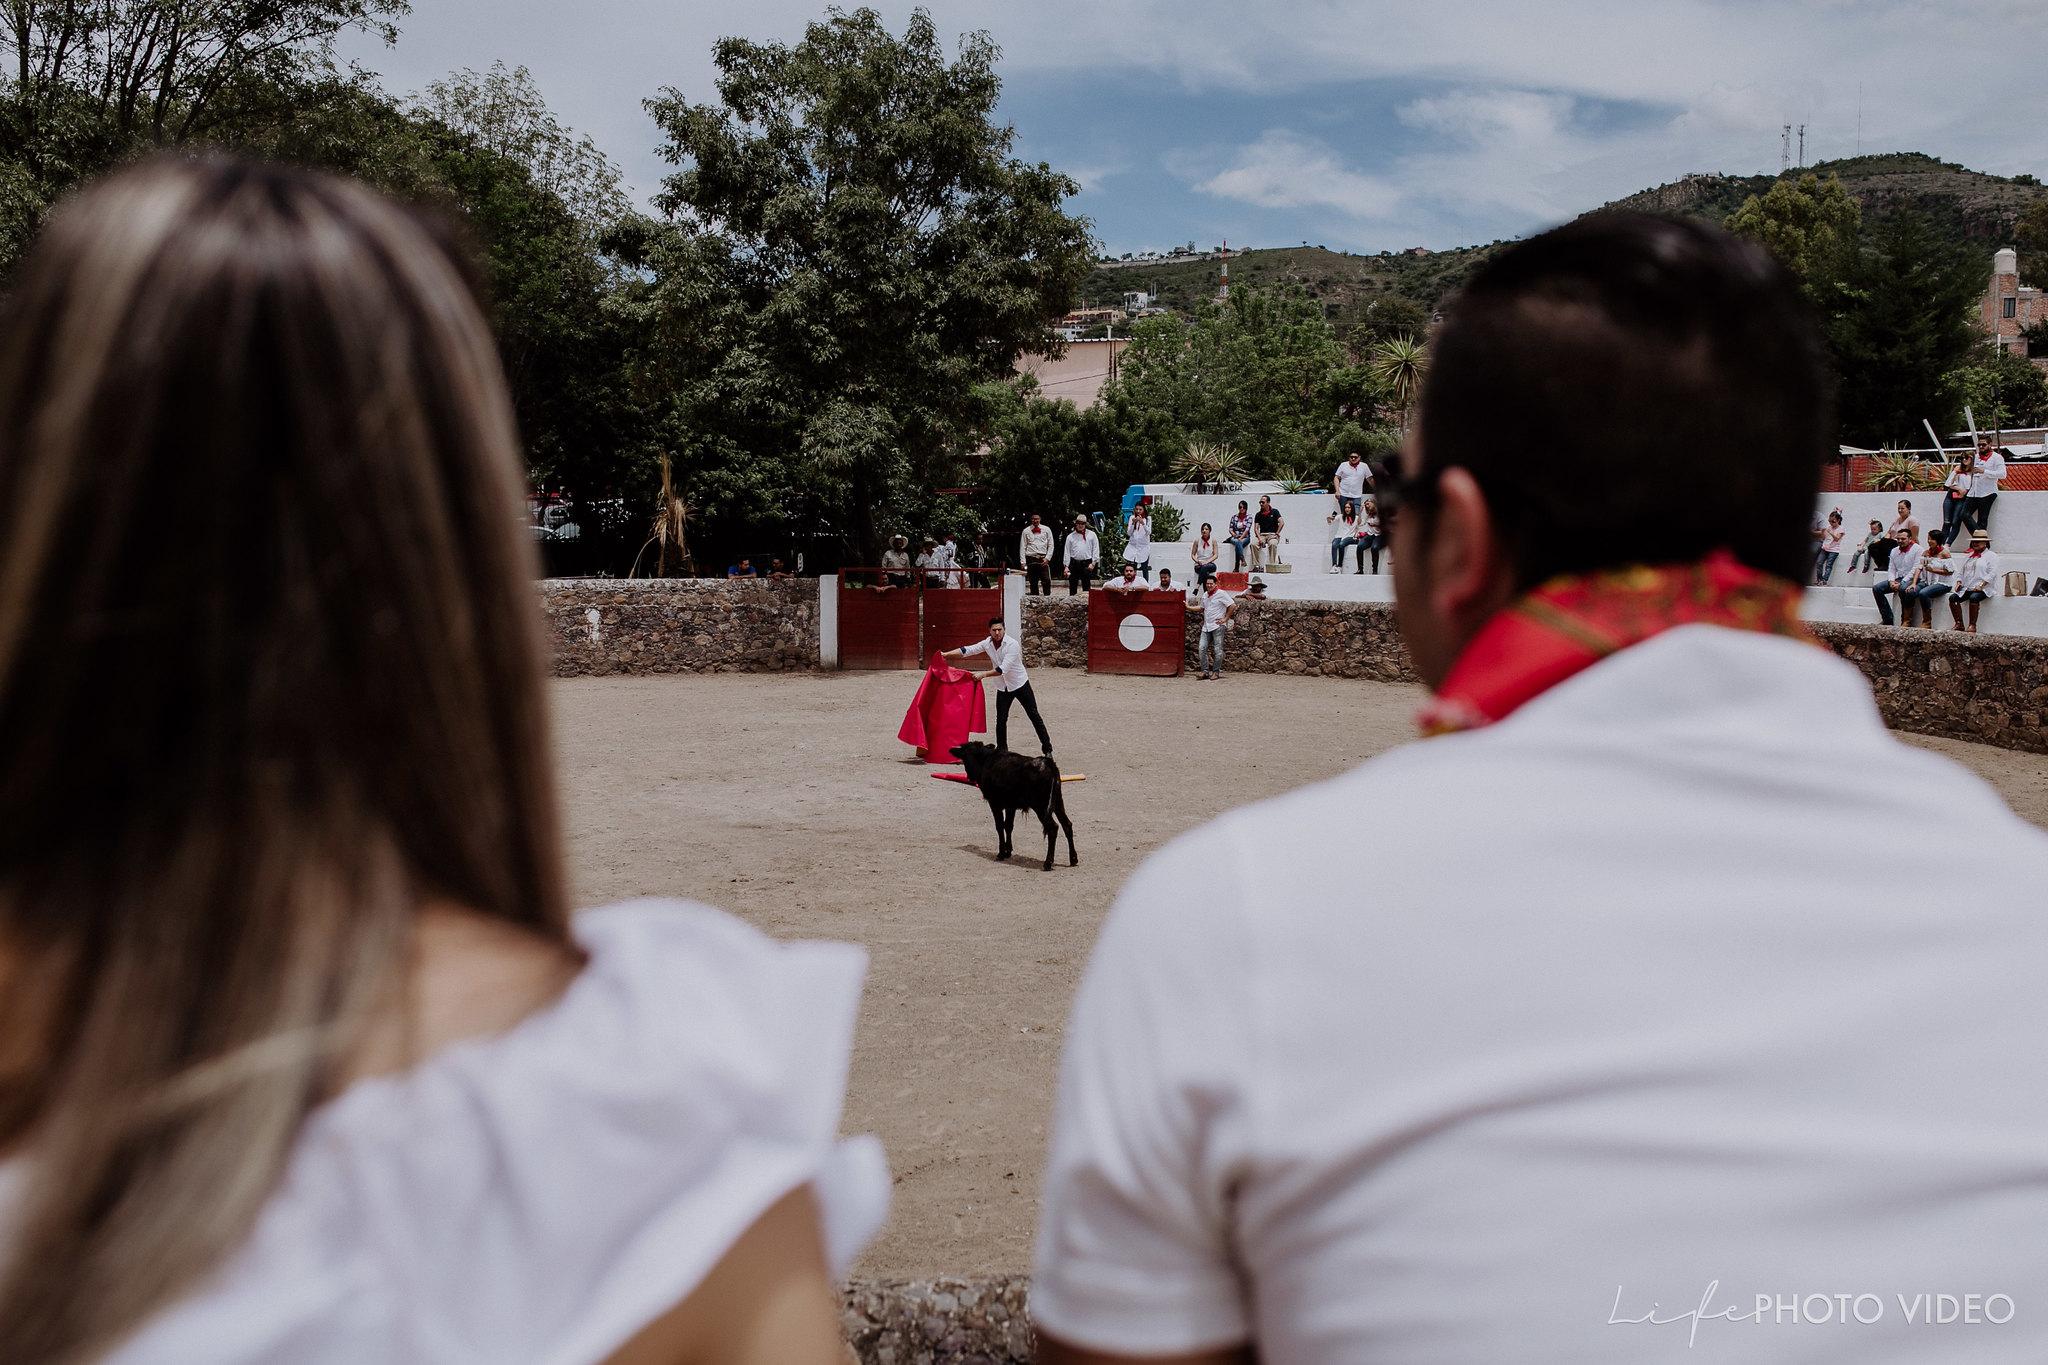 SanMigueldeAllende_Wedding_Callejoneada_Vaquillada_0033